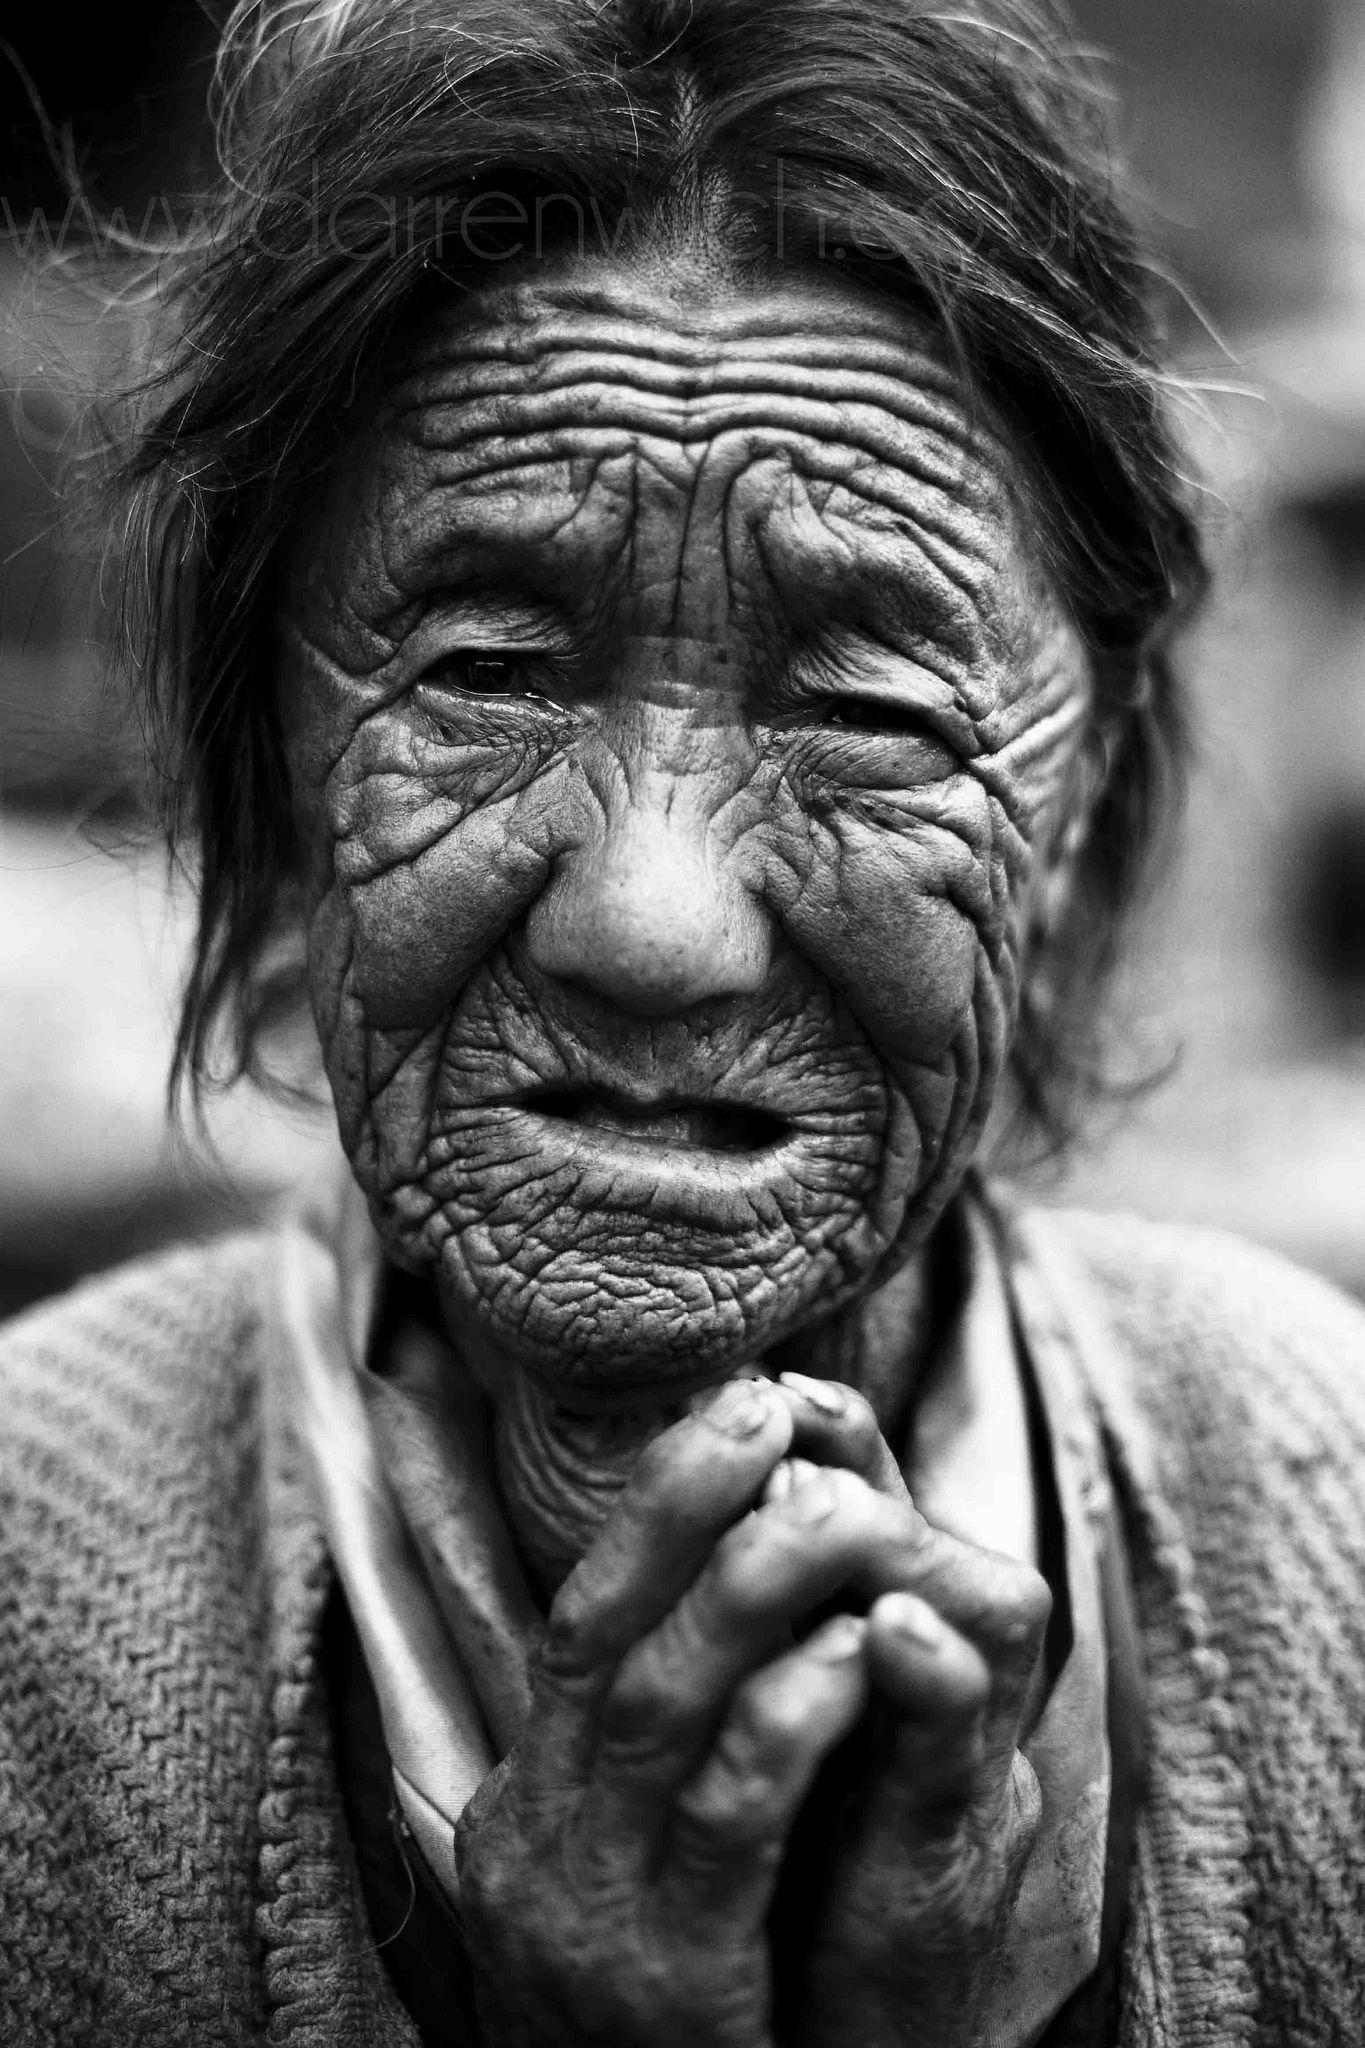 Hogwallow | Old faces, Interesting faces, Portrait